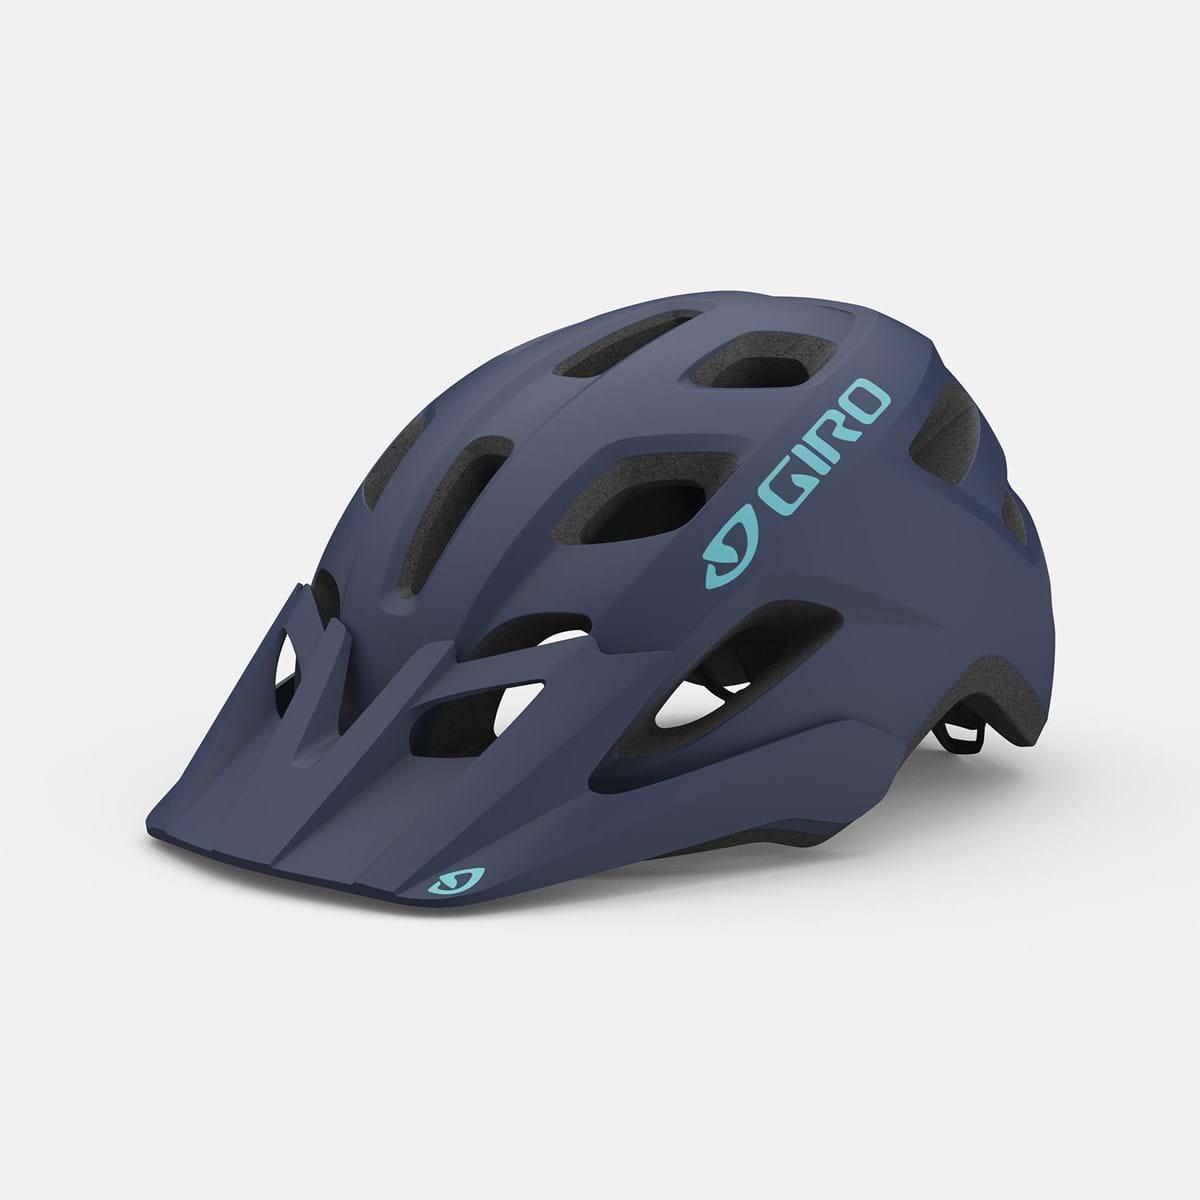 Verce Women's Helmet